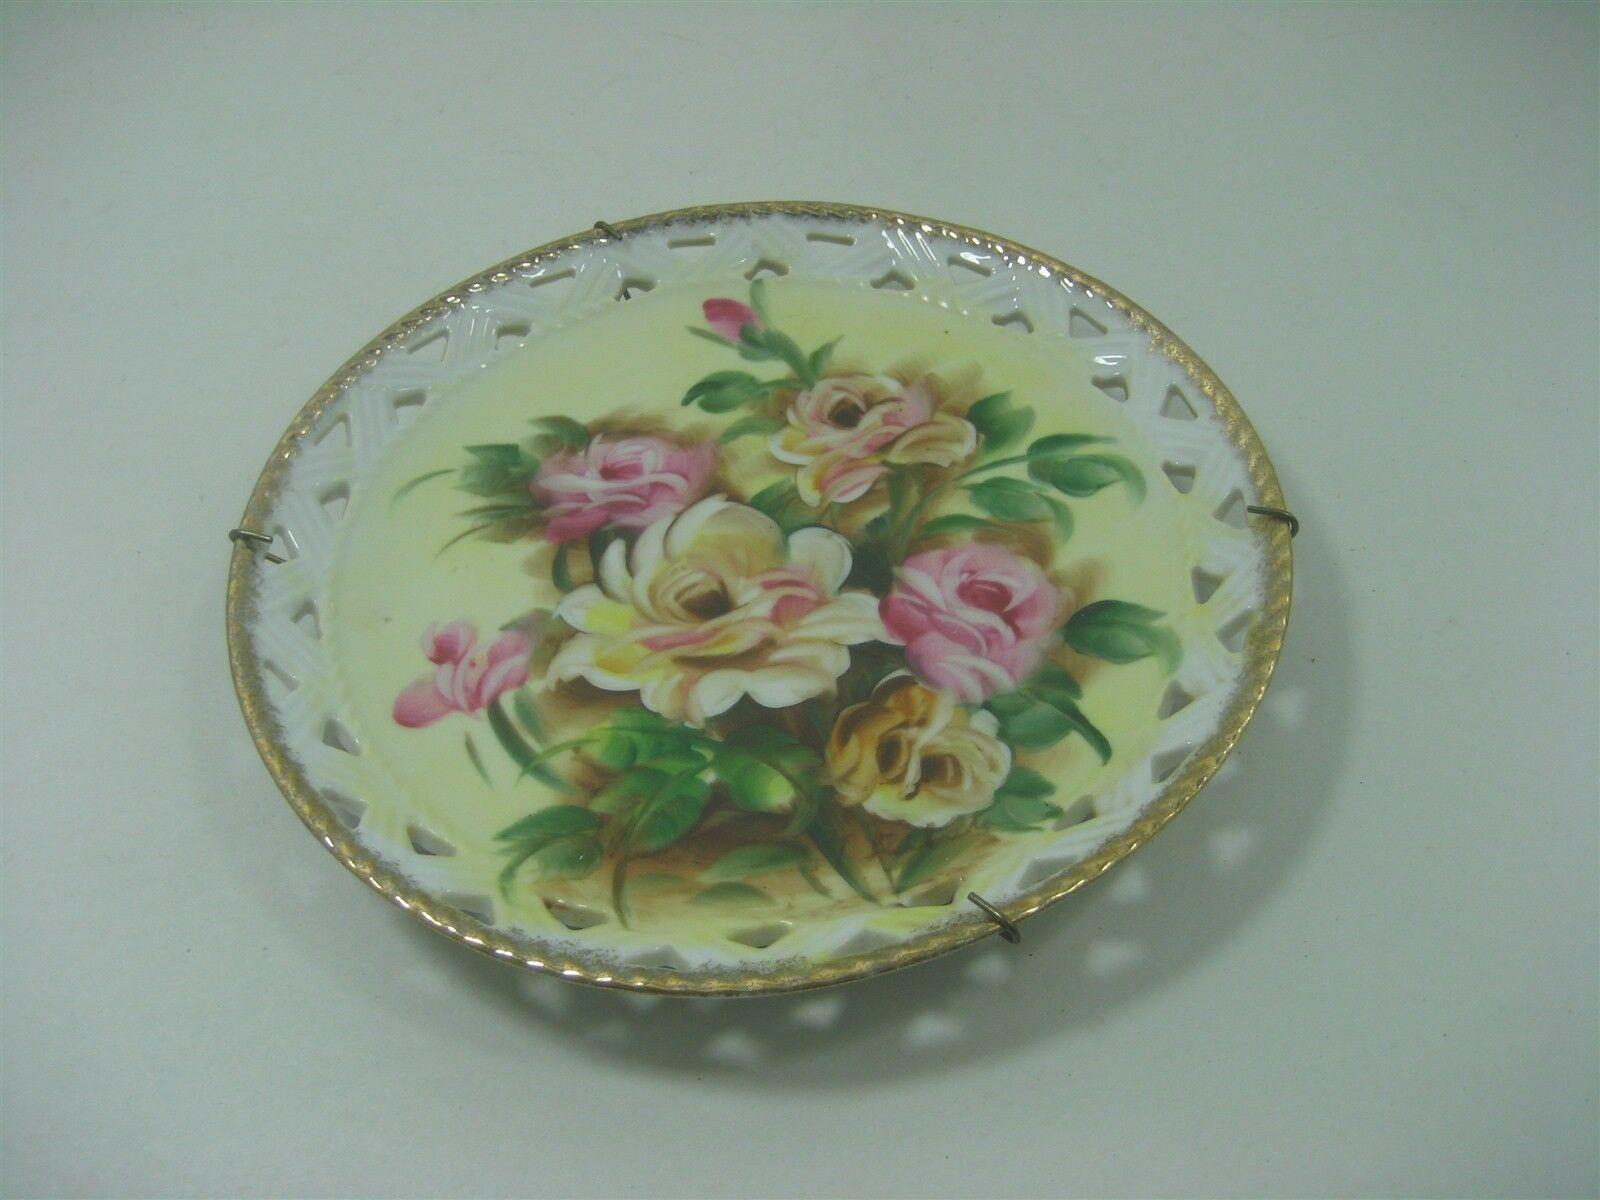 Vintage Ceramic Porcelain Decorative Collector Plate Floral Design Gold Trim